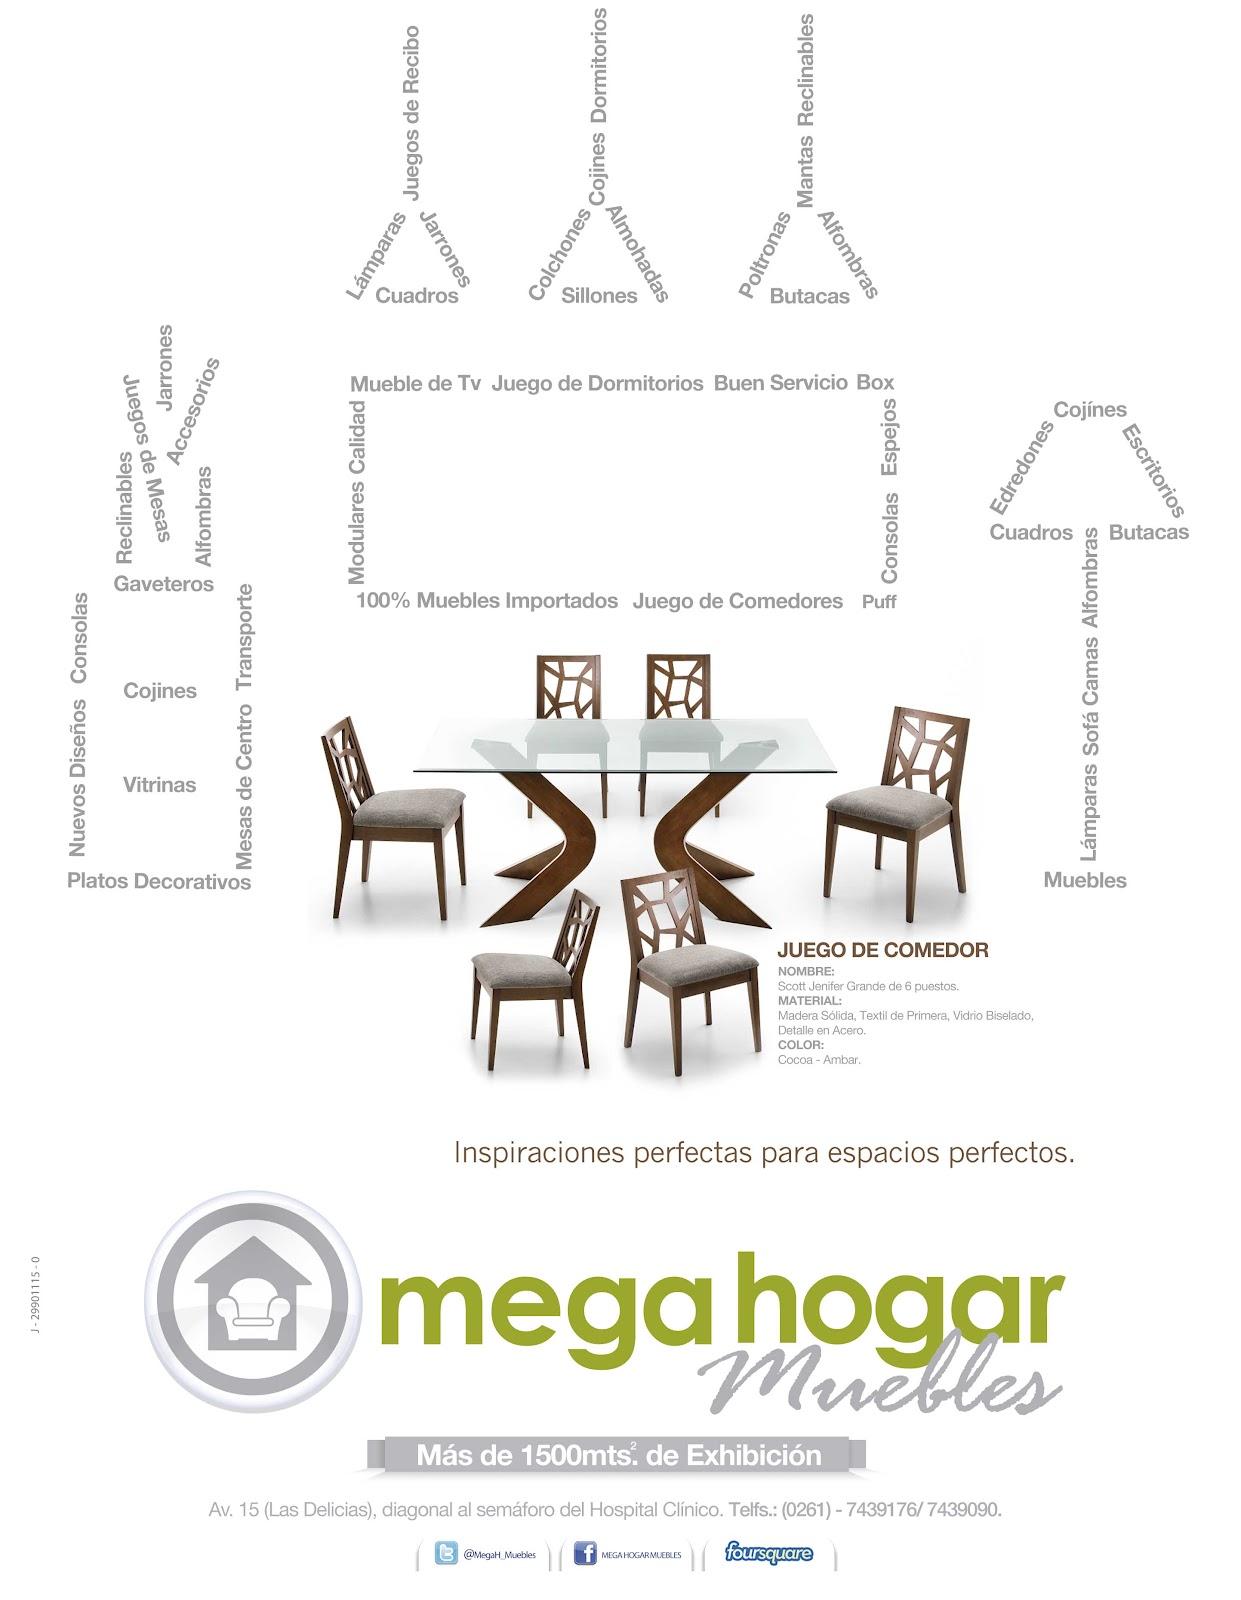 imagenes de muebles del hogar - Muebles Sodimac